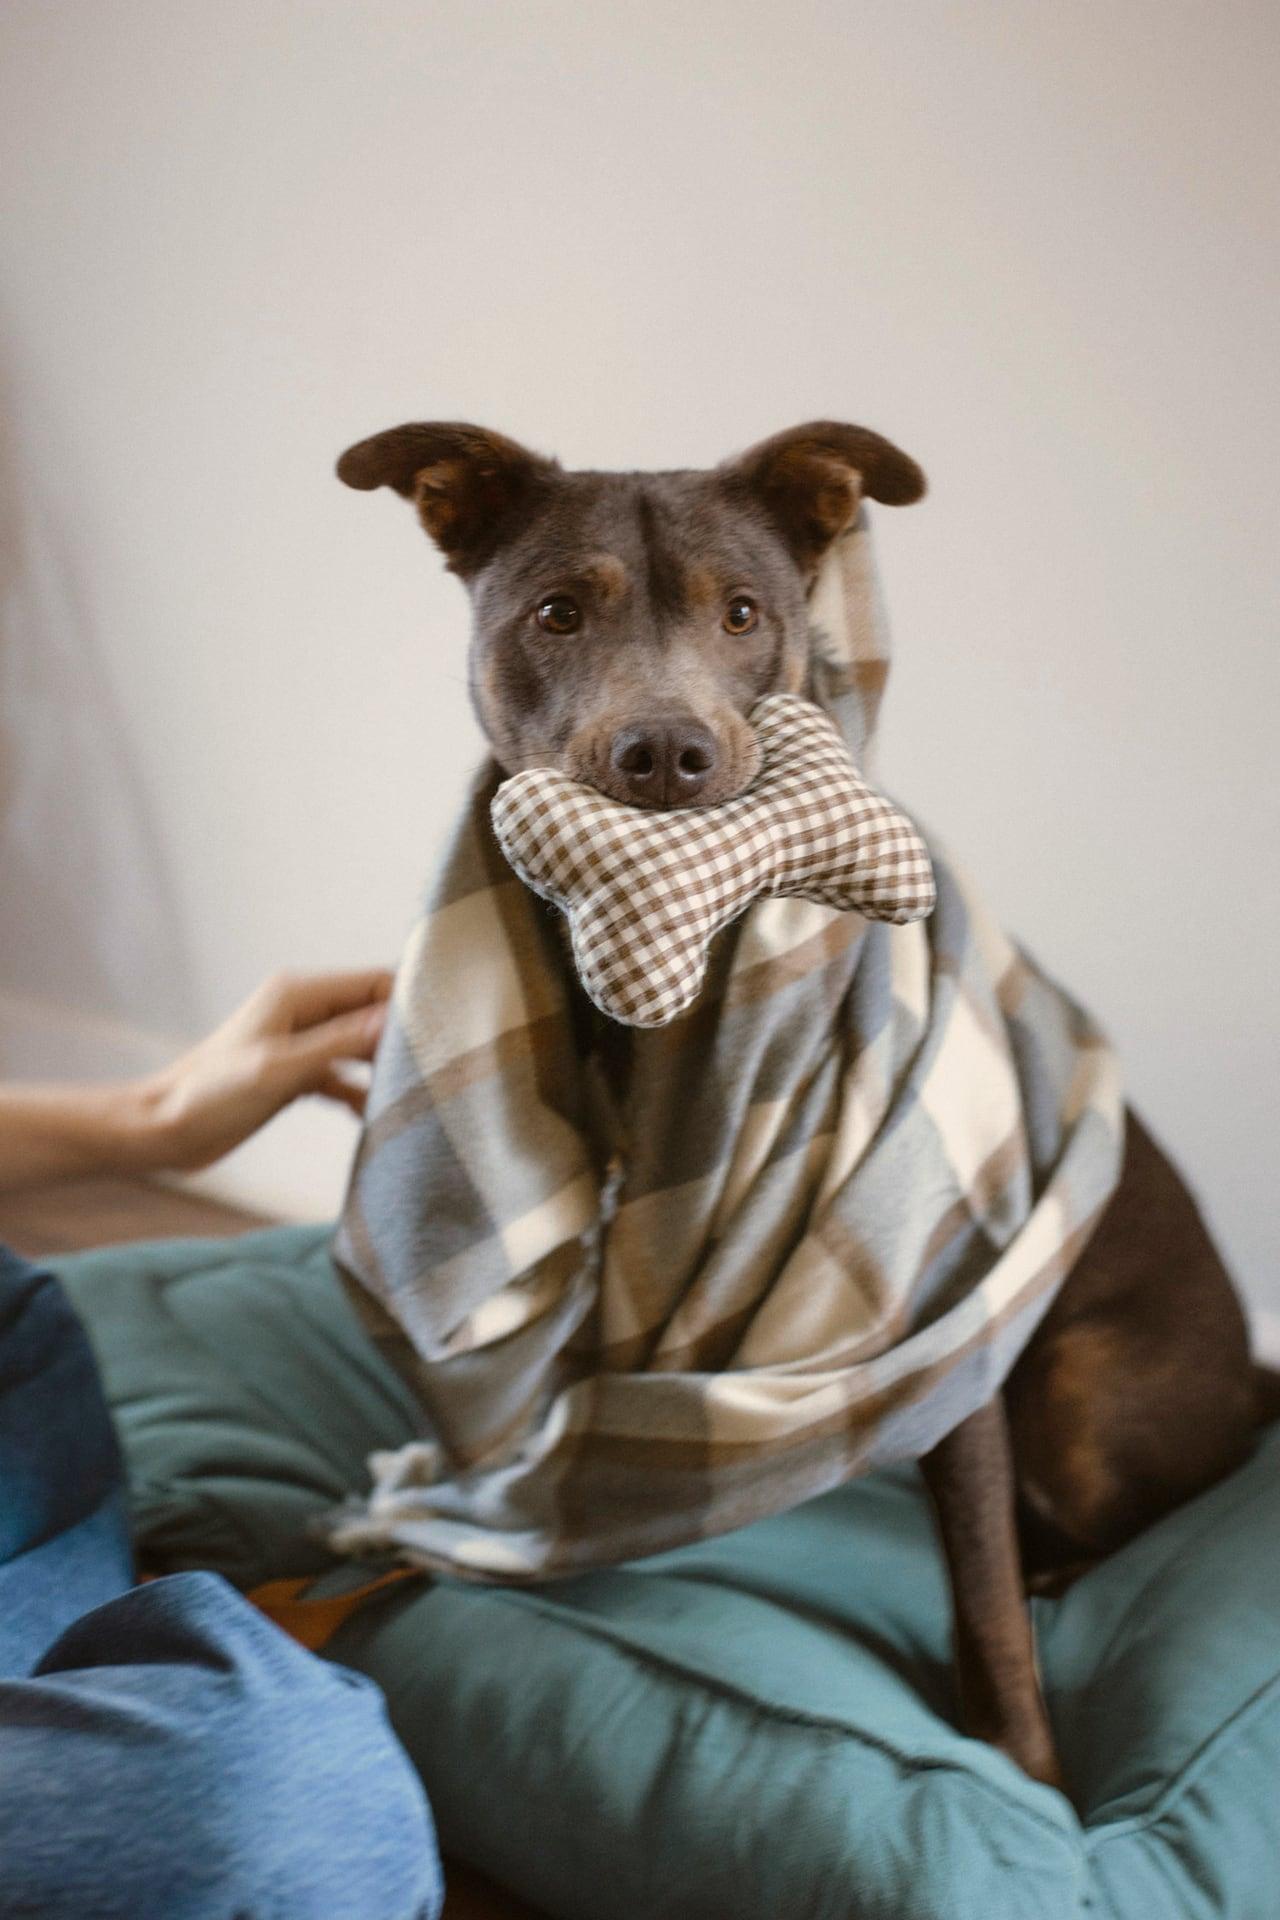 Zara lanza una colección de ropa y accesorios para perros 3